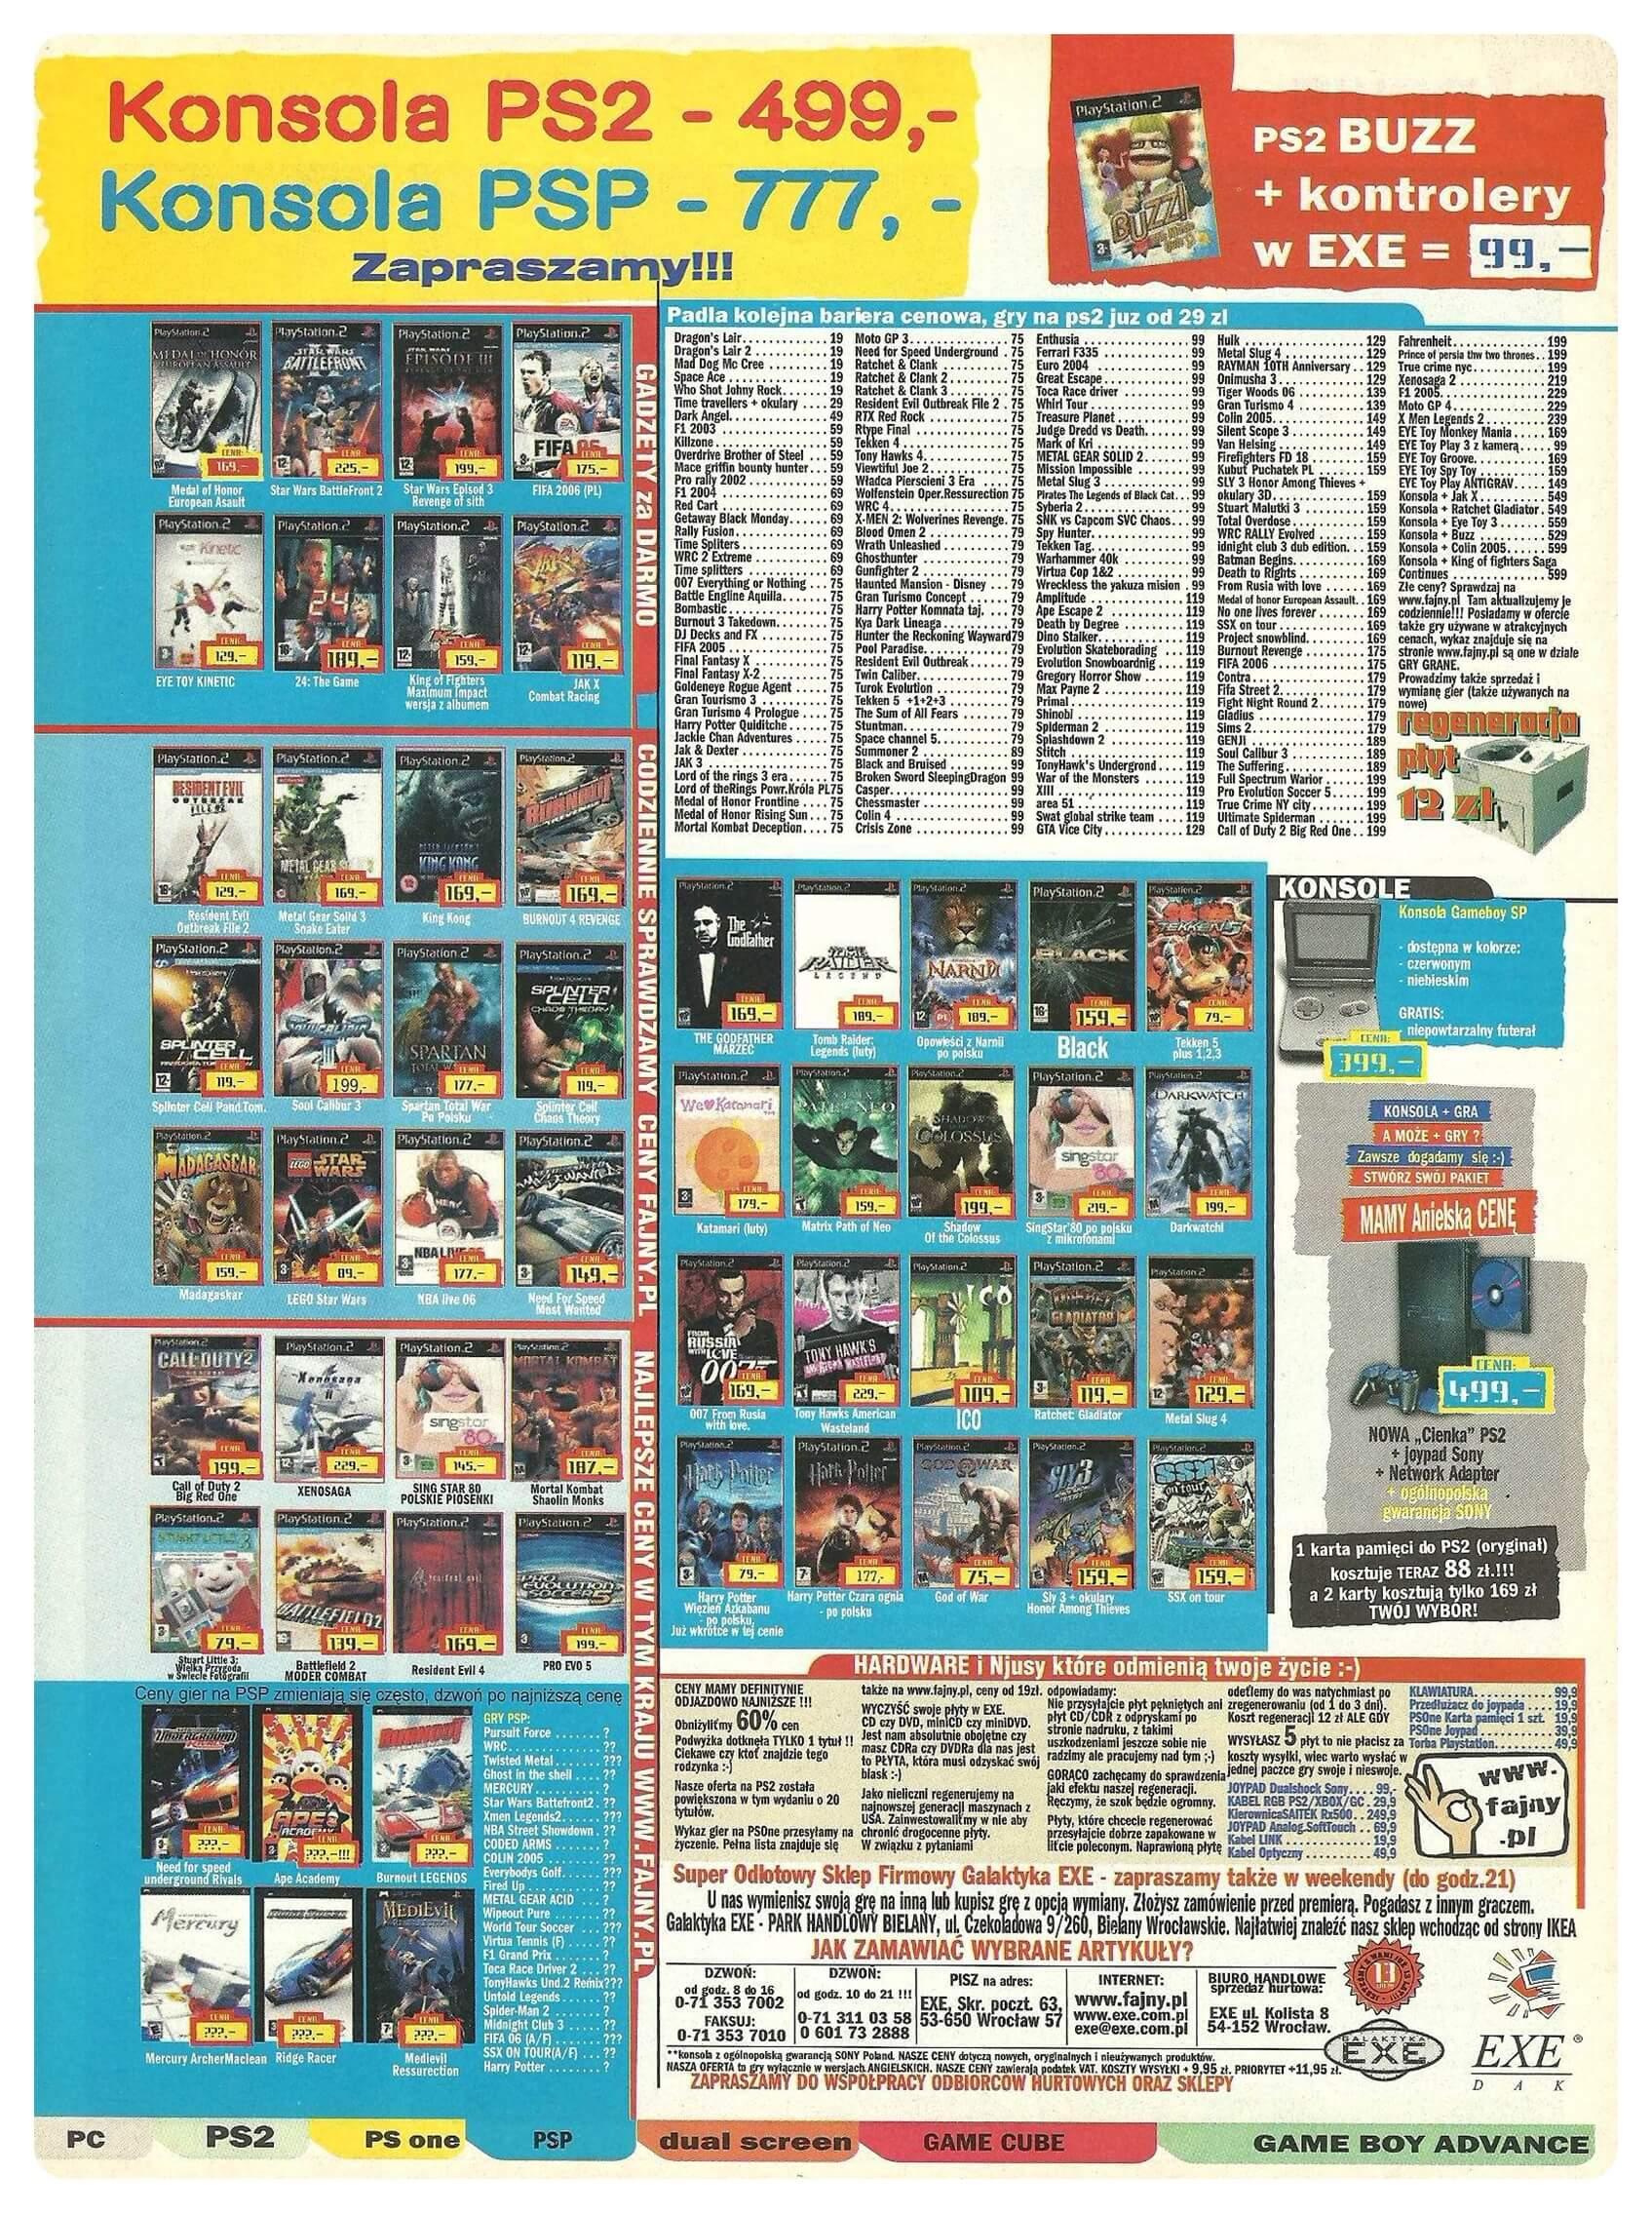 Neo Plus nr 087 200617q4 - Jak wyglądały ceny różnych konsol w Polsce w latach 1996-2006?